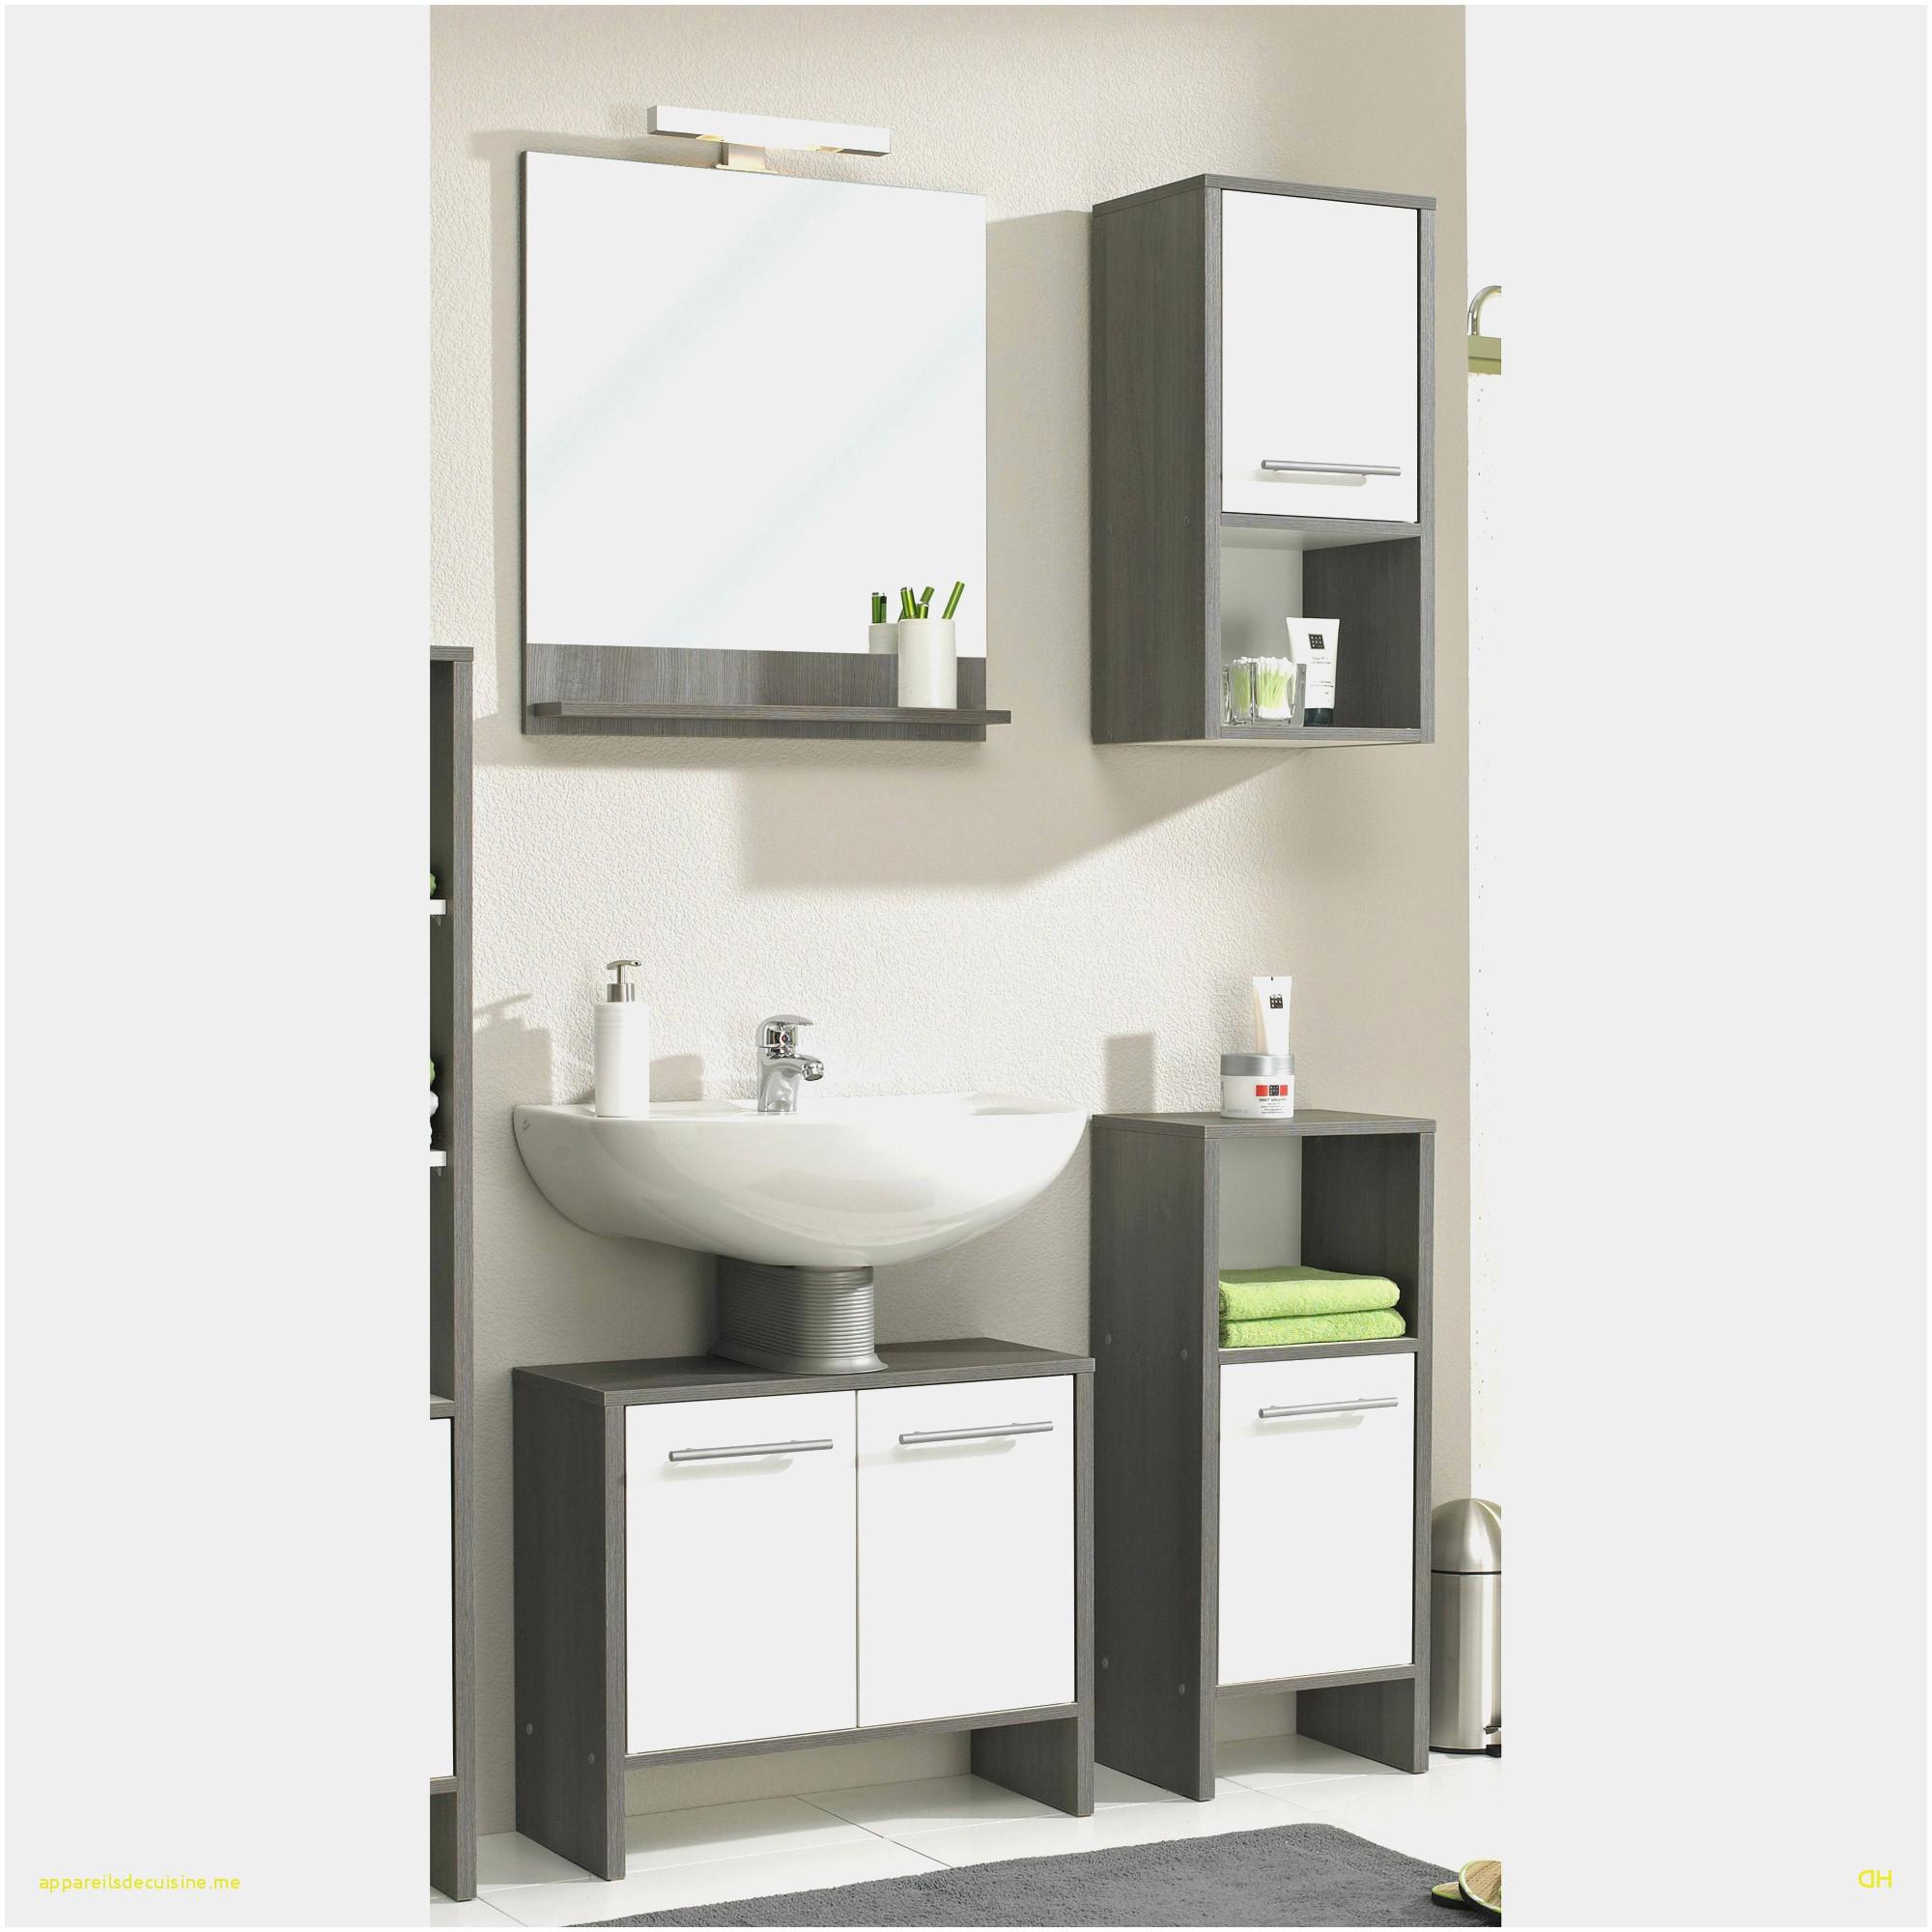 Conception Salle De Bain Ikea Frais Images 10 Nouveau Meuble toilette Ikea Anciendemutu